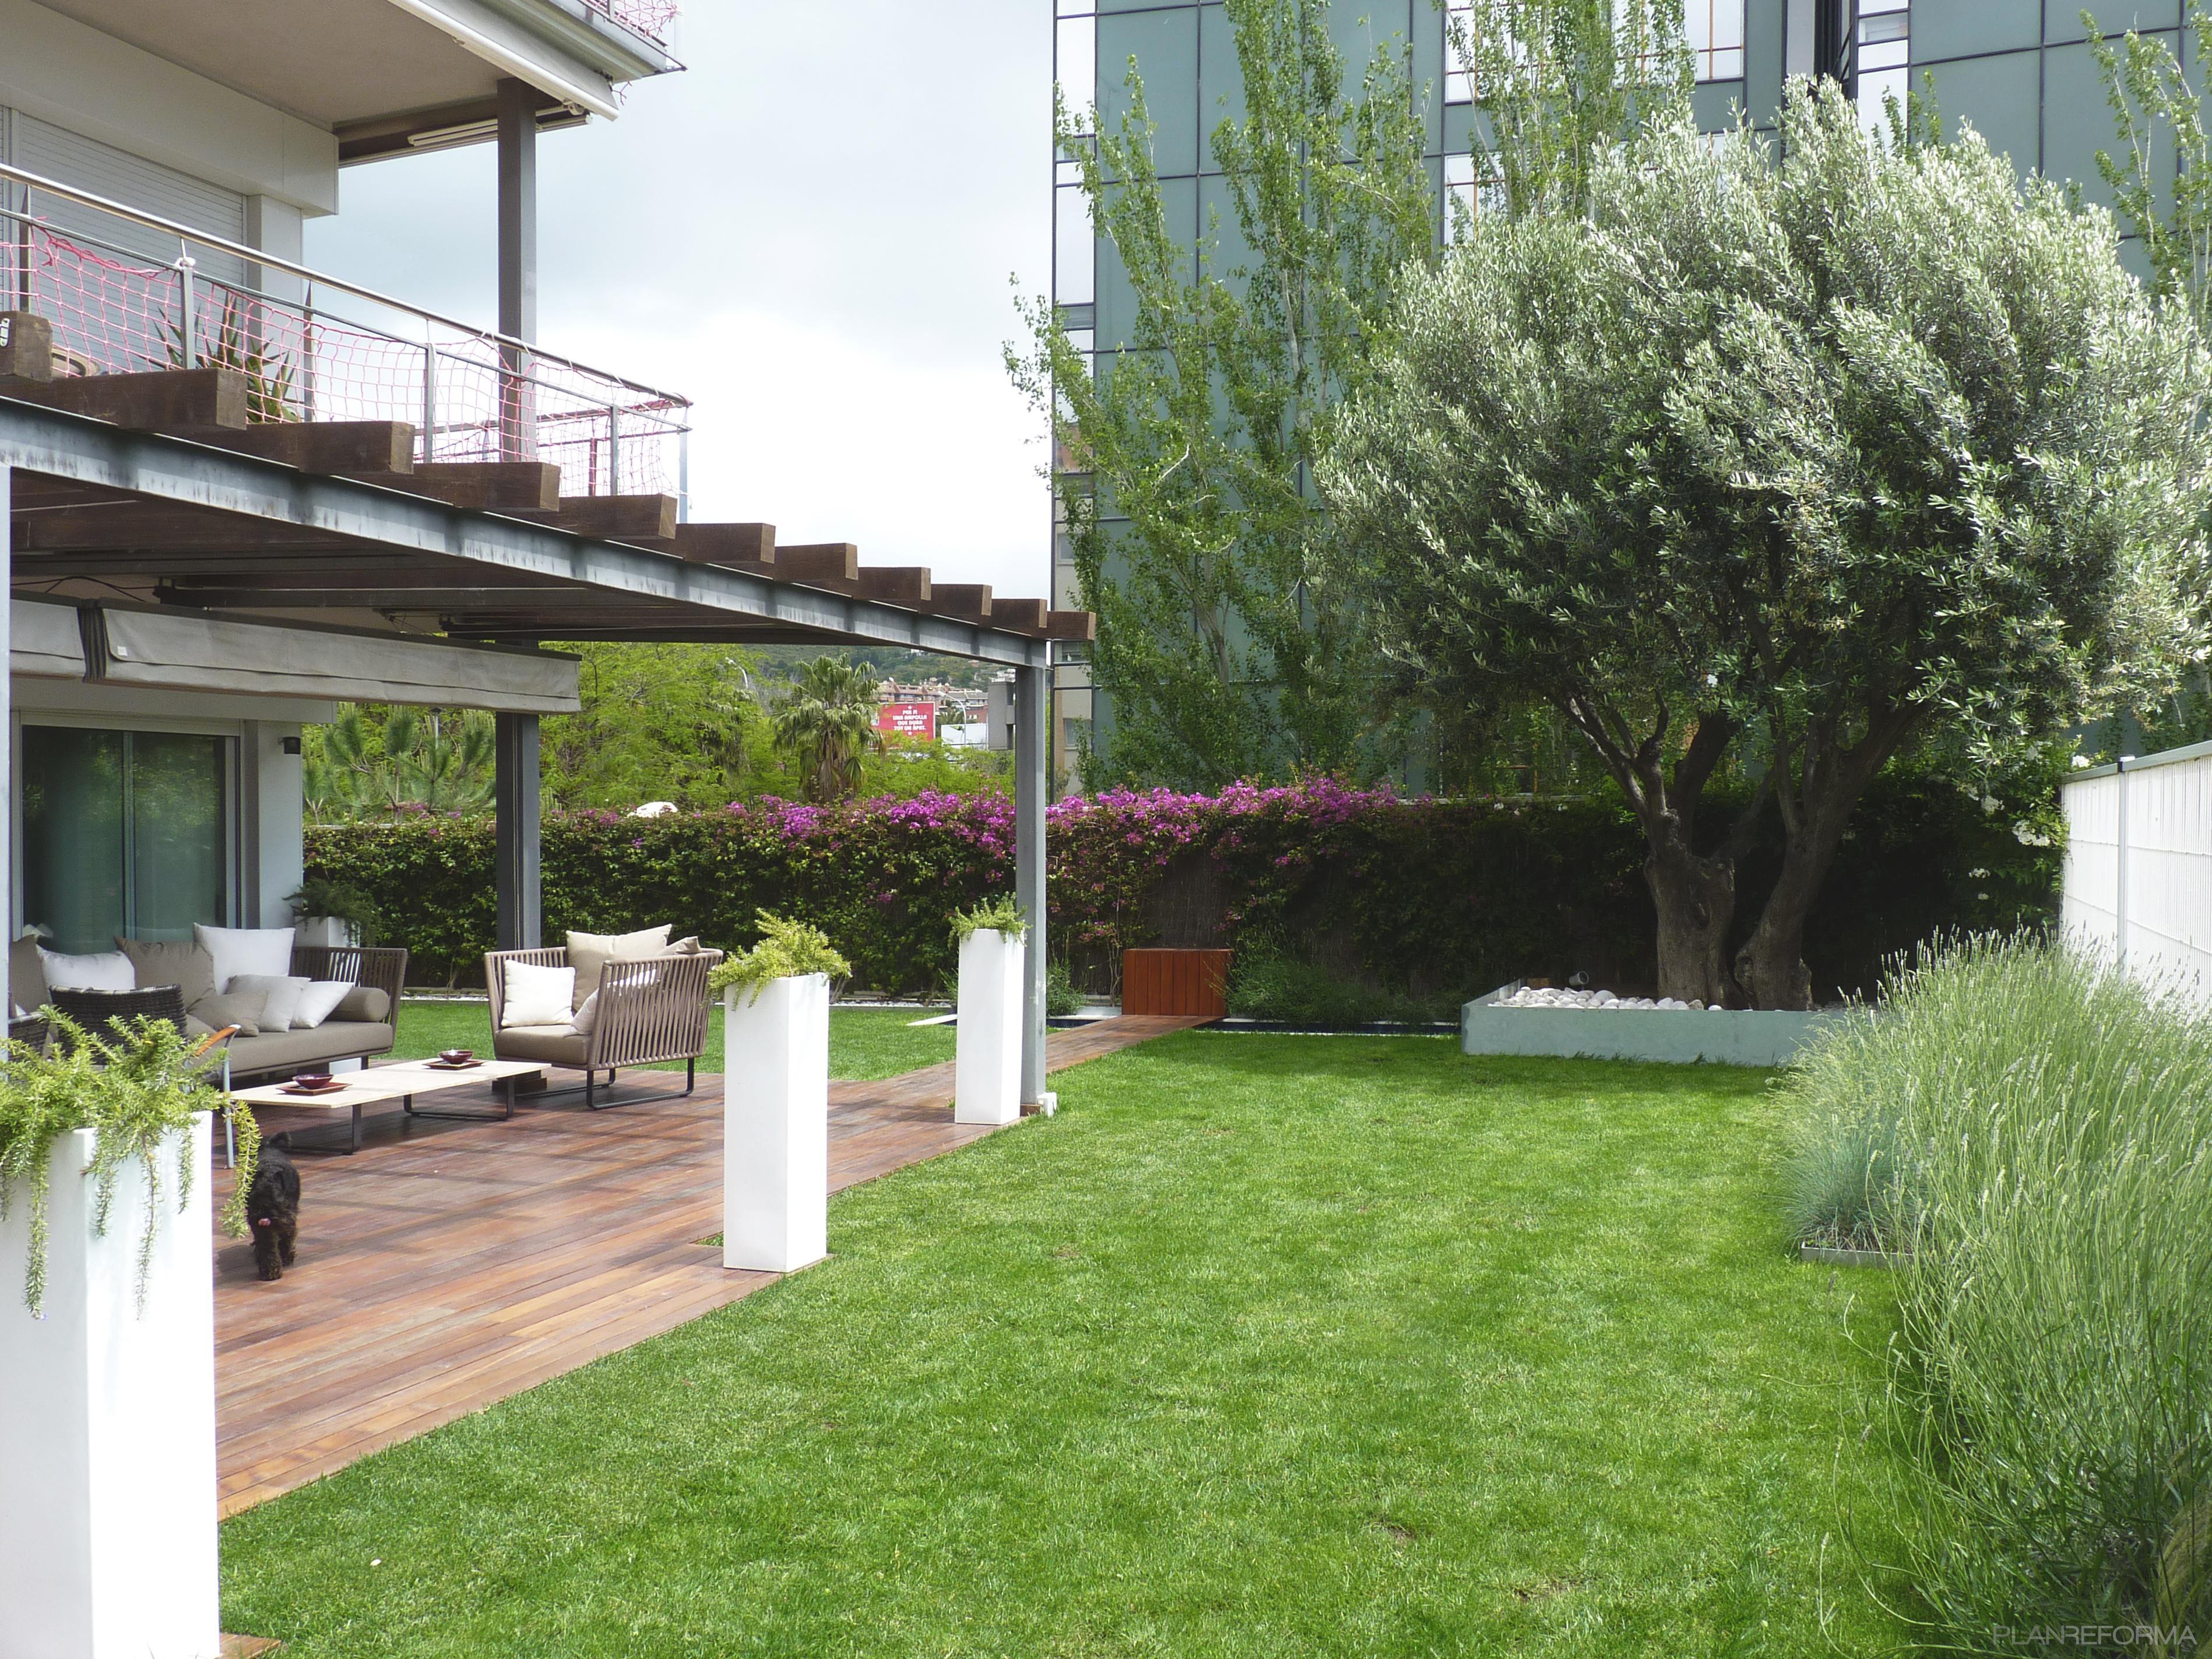 Porche exterior jardin estilo contemporaneo color verde for Decoracion exterior jardin contemporaneo